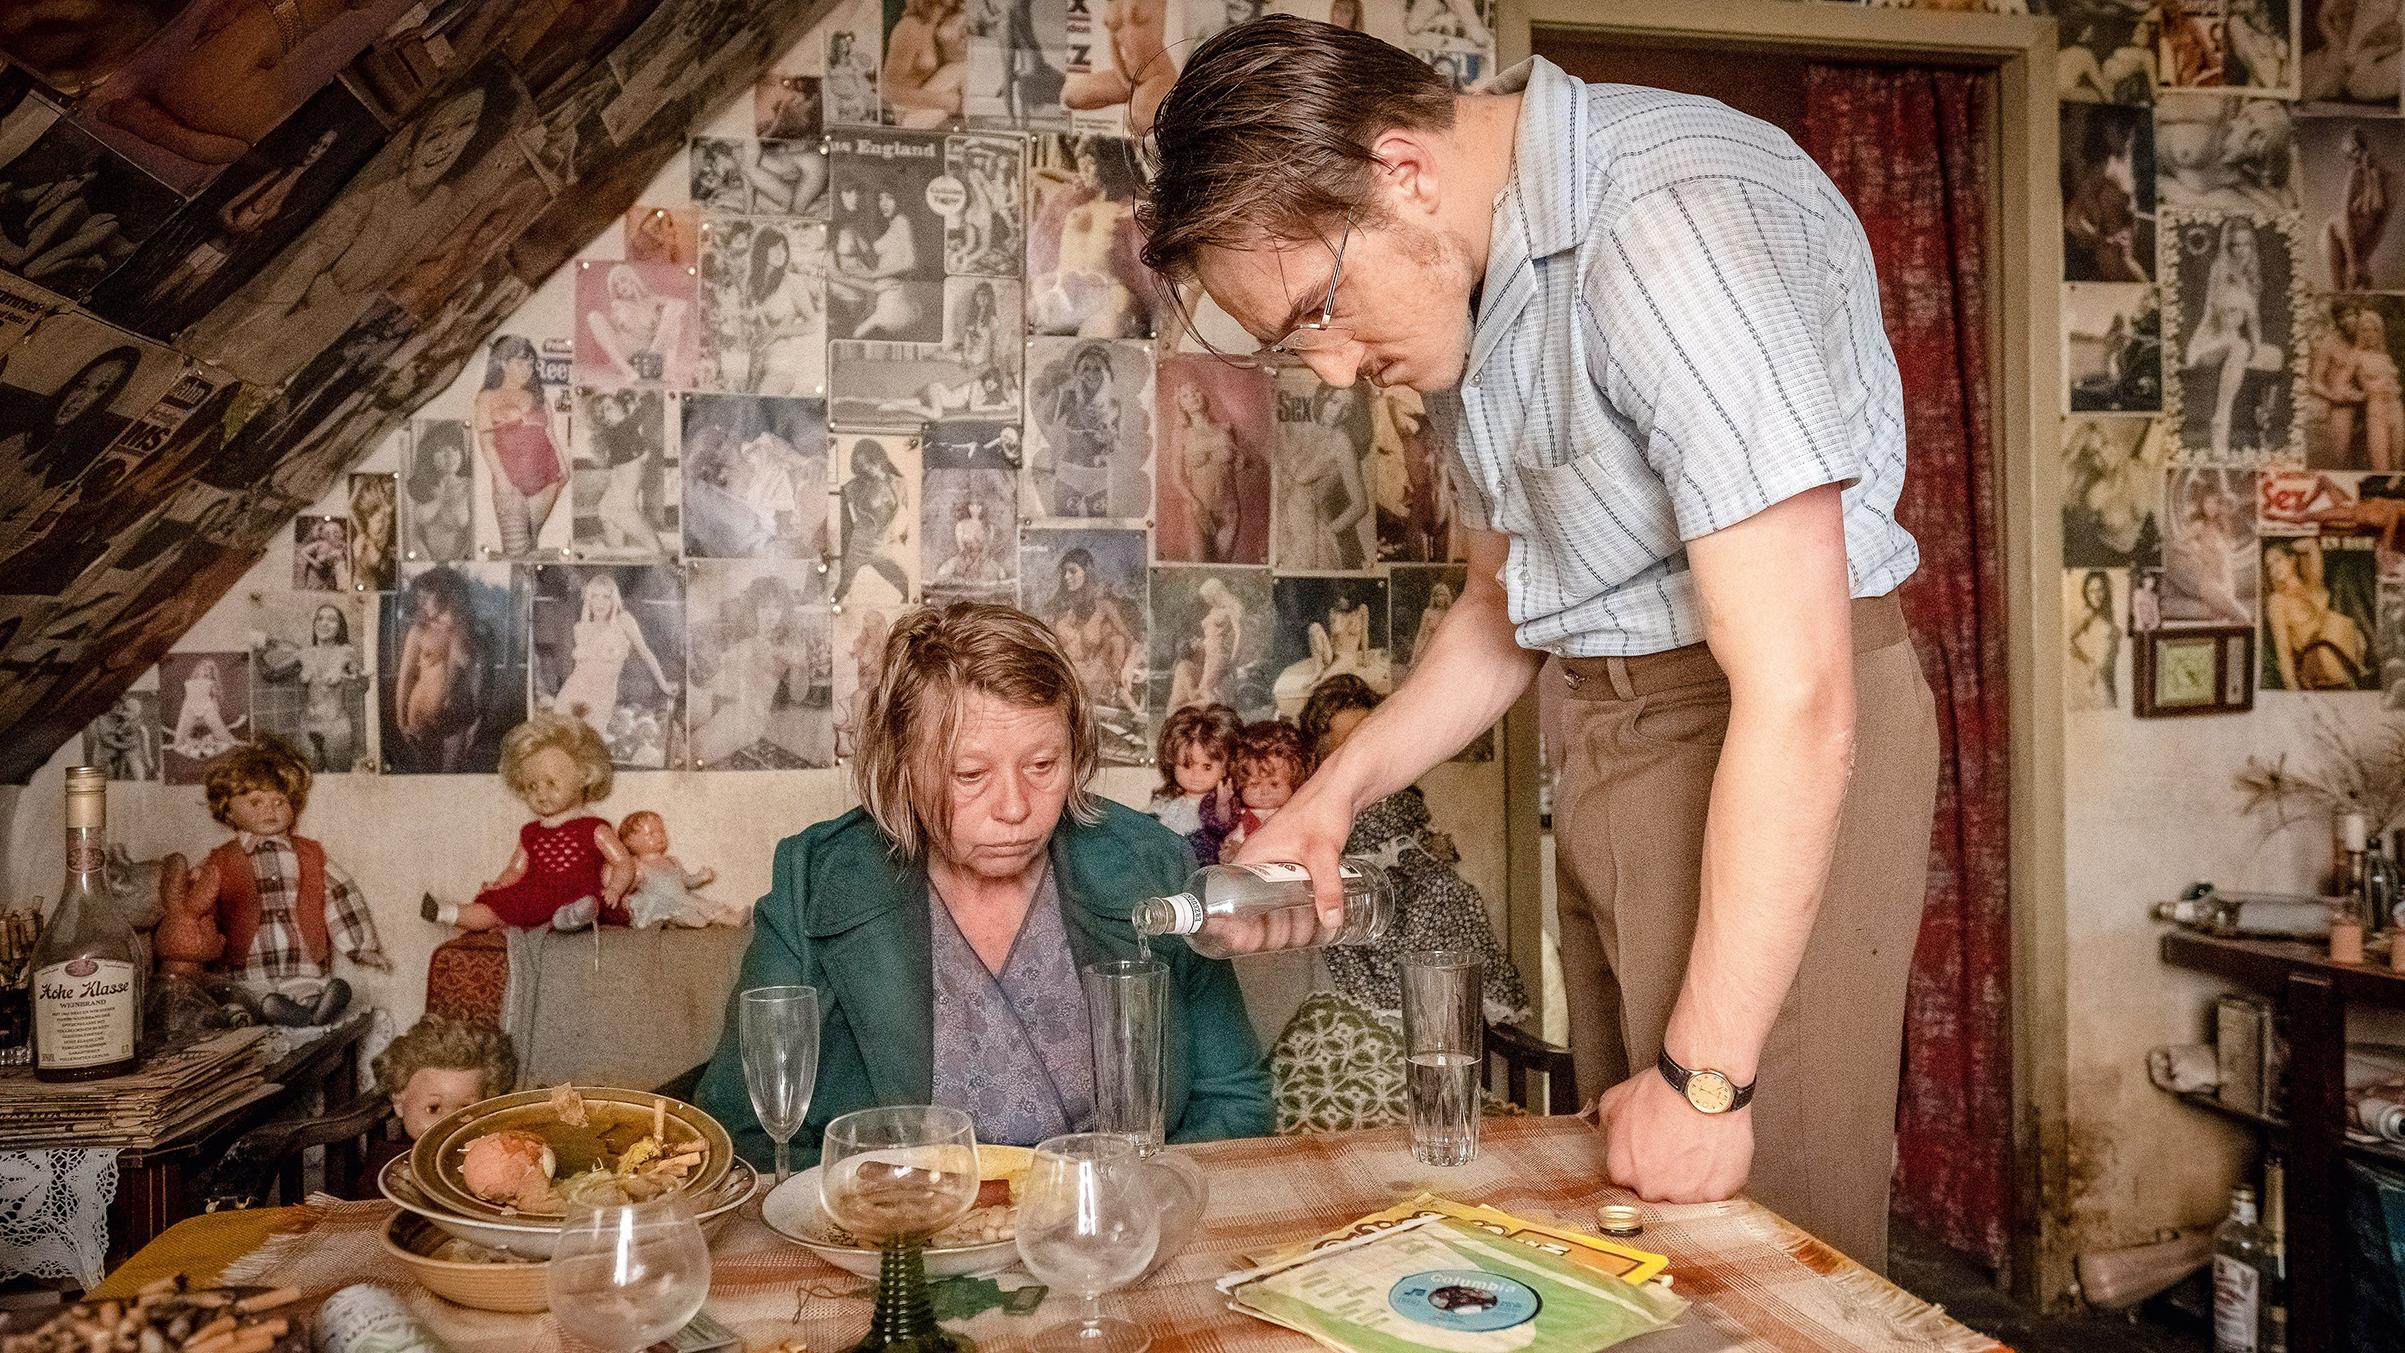 Margarethe Tiesel and Jonas Dassler in a scene from the movie 'The Golden Glove' (Der Goldene Handschuh) by Fatih Akin.